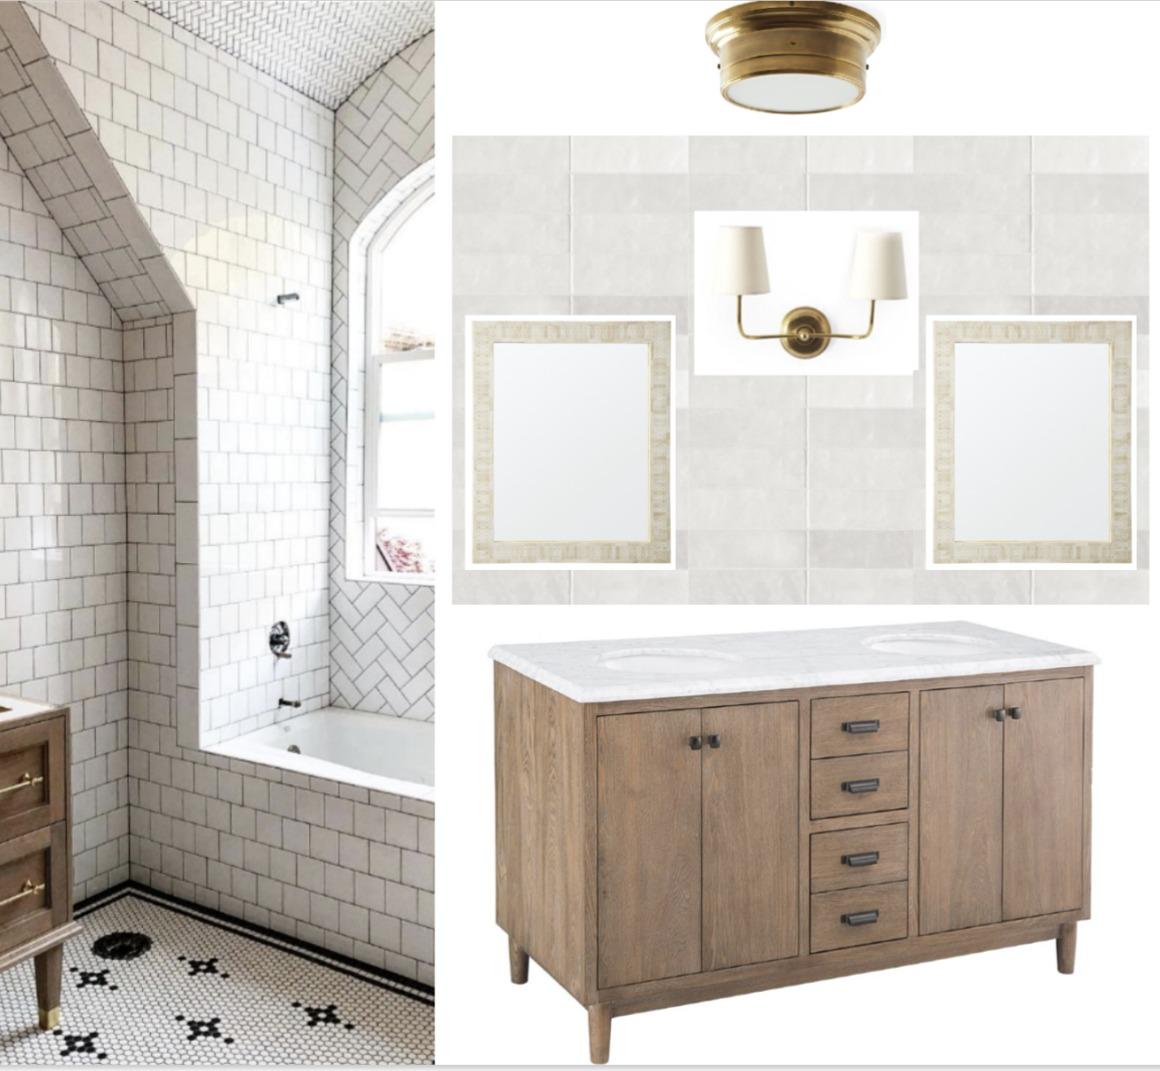 Bathroom Remodel- Favorite Affordable Vanities and Plan